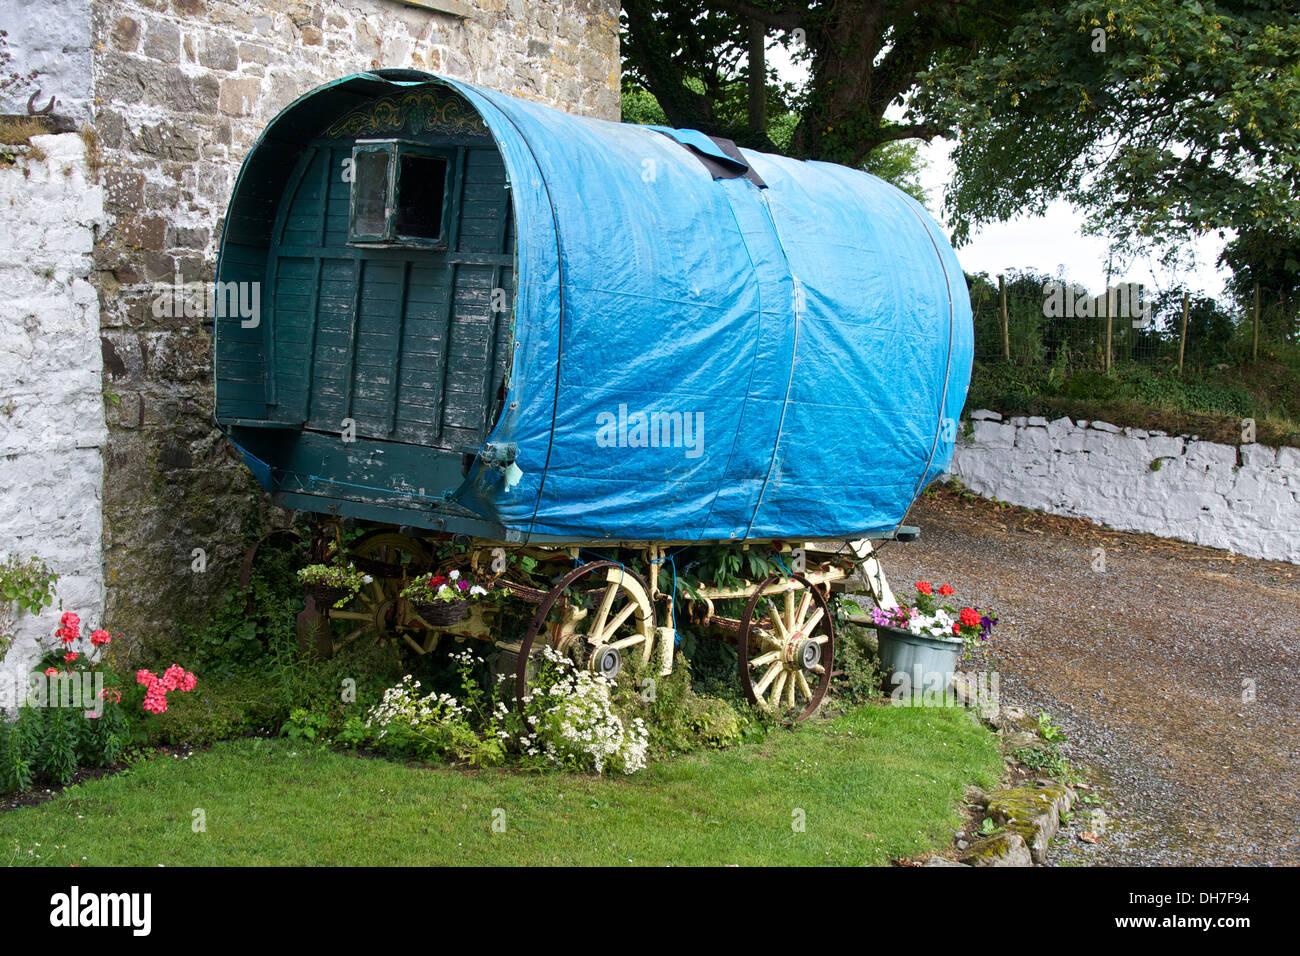 Old wooden travellers caravan in state of disrepair. - Stock Image